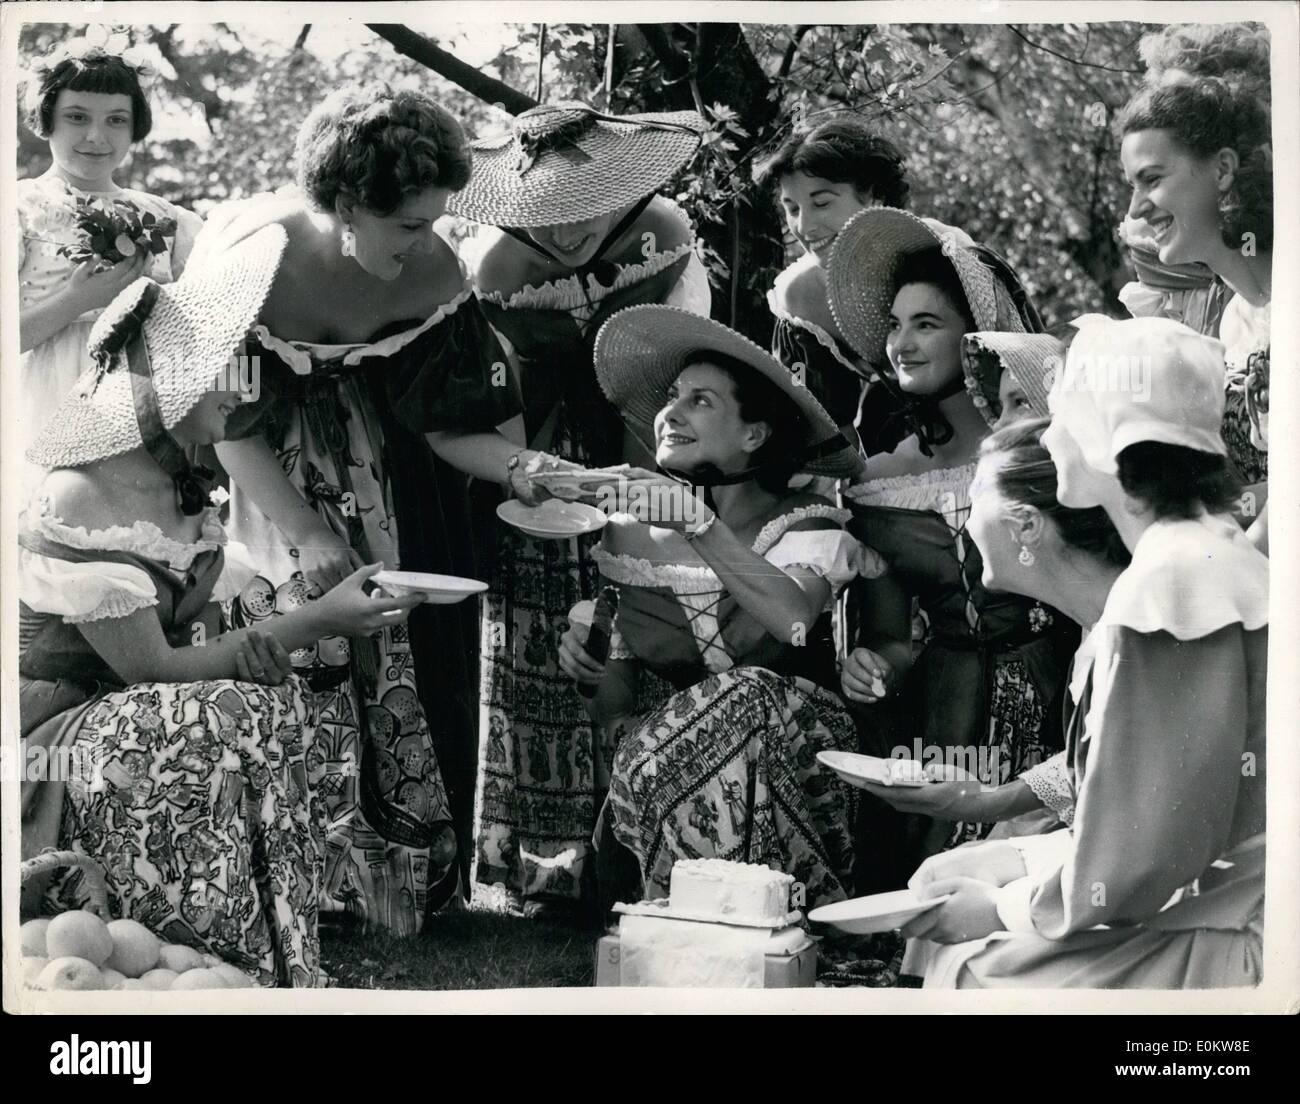 Septembre 09, 1951 - Romances au Festival Gadens Cris ''London'' fille reçoit un engagement spécial gâteau.: Genevieve (''joe'') Rowney un des nombreux Cris ''London'' les filles au Festival des jardins, Bettersea ws, présenté avec un gâteau spécial au Grand Vista Kiosk cet après-midi, après l'annonce de son engagement à Norman le saumon. La présentation a été suivie par une jolie assisté par le ''pleure'' les filles. Photo montre Geneviève et son ''London'' Ordess collègue ont un ''Poule'' party dans les jardins de cet après-midi - après la présentation. Photo Stock